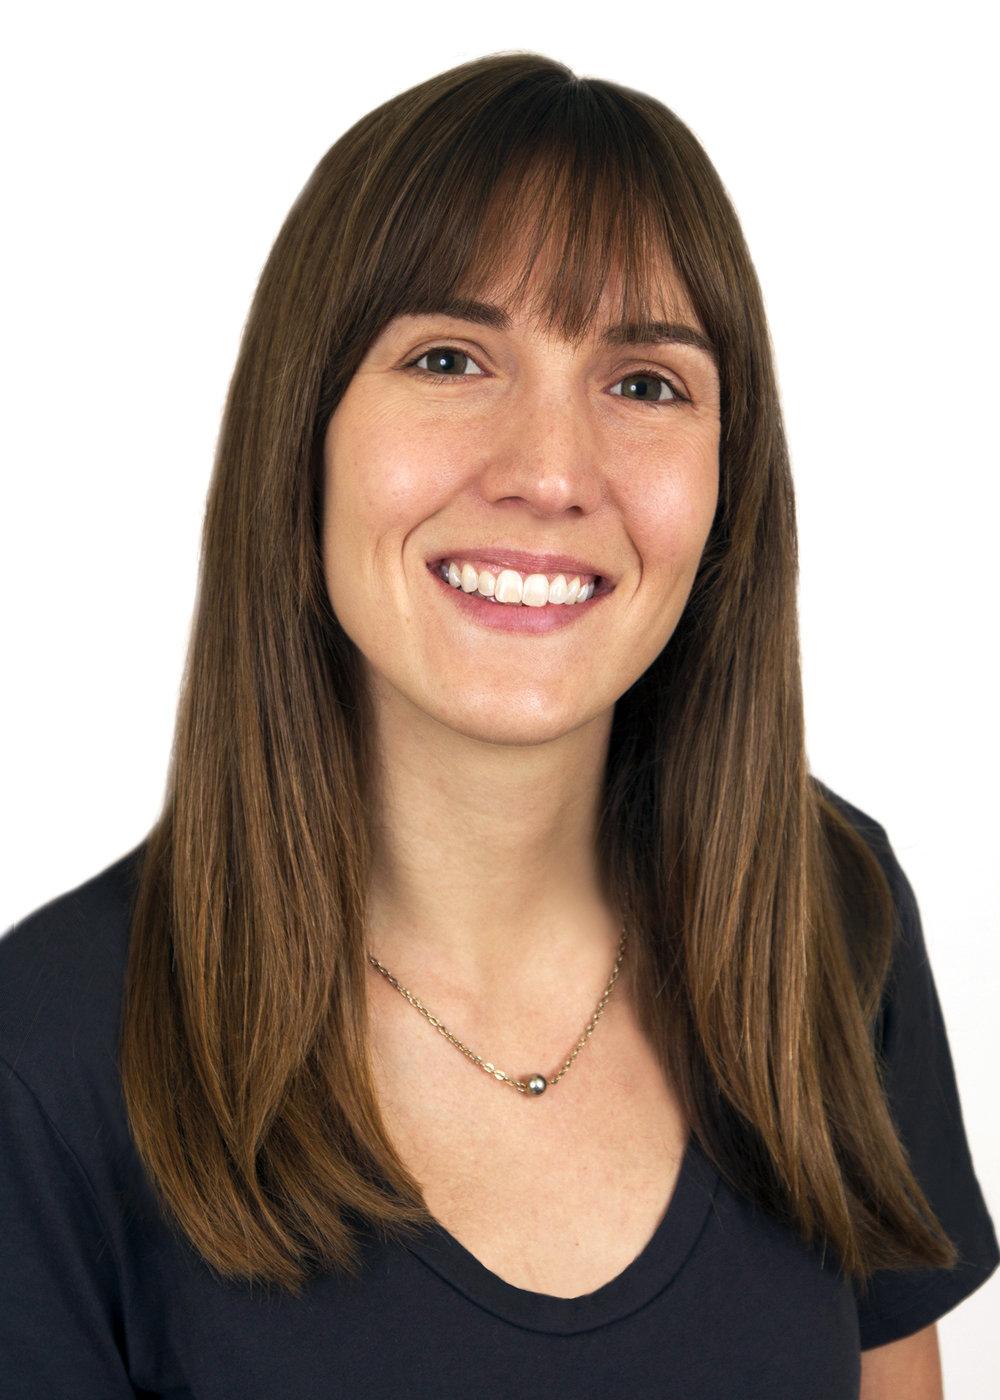 Christina Pascarzi, PsyD